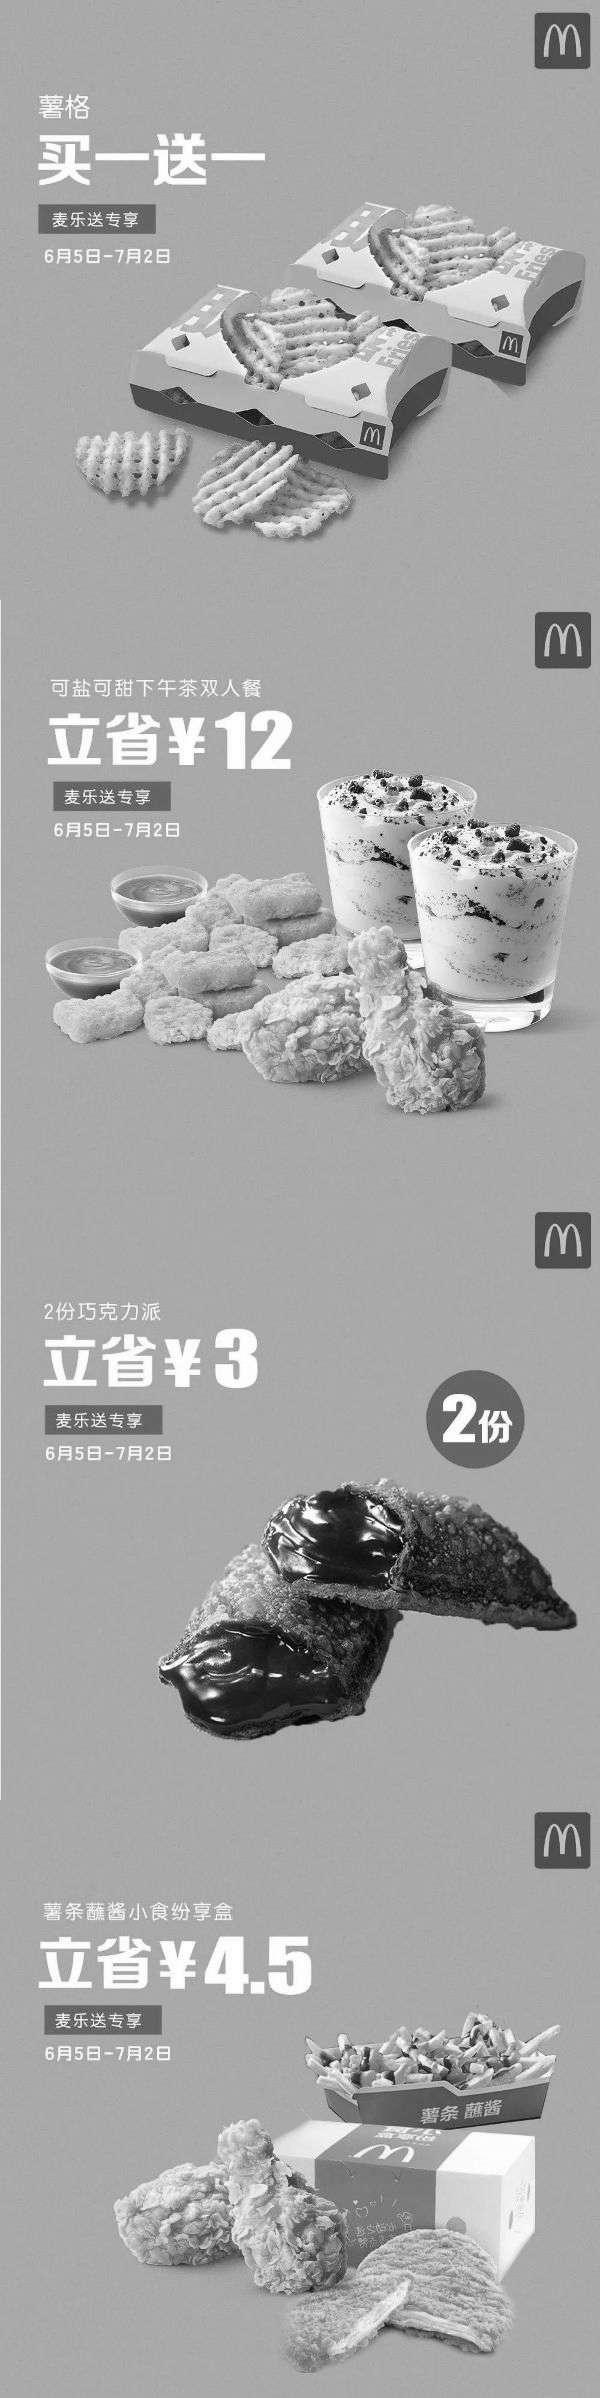 黑白优惠券图片:麦当劳麦乐送薯格买一送一,下午茶双人餐立省12元 - www.5ikfc.com